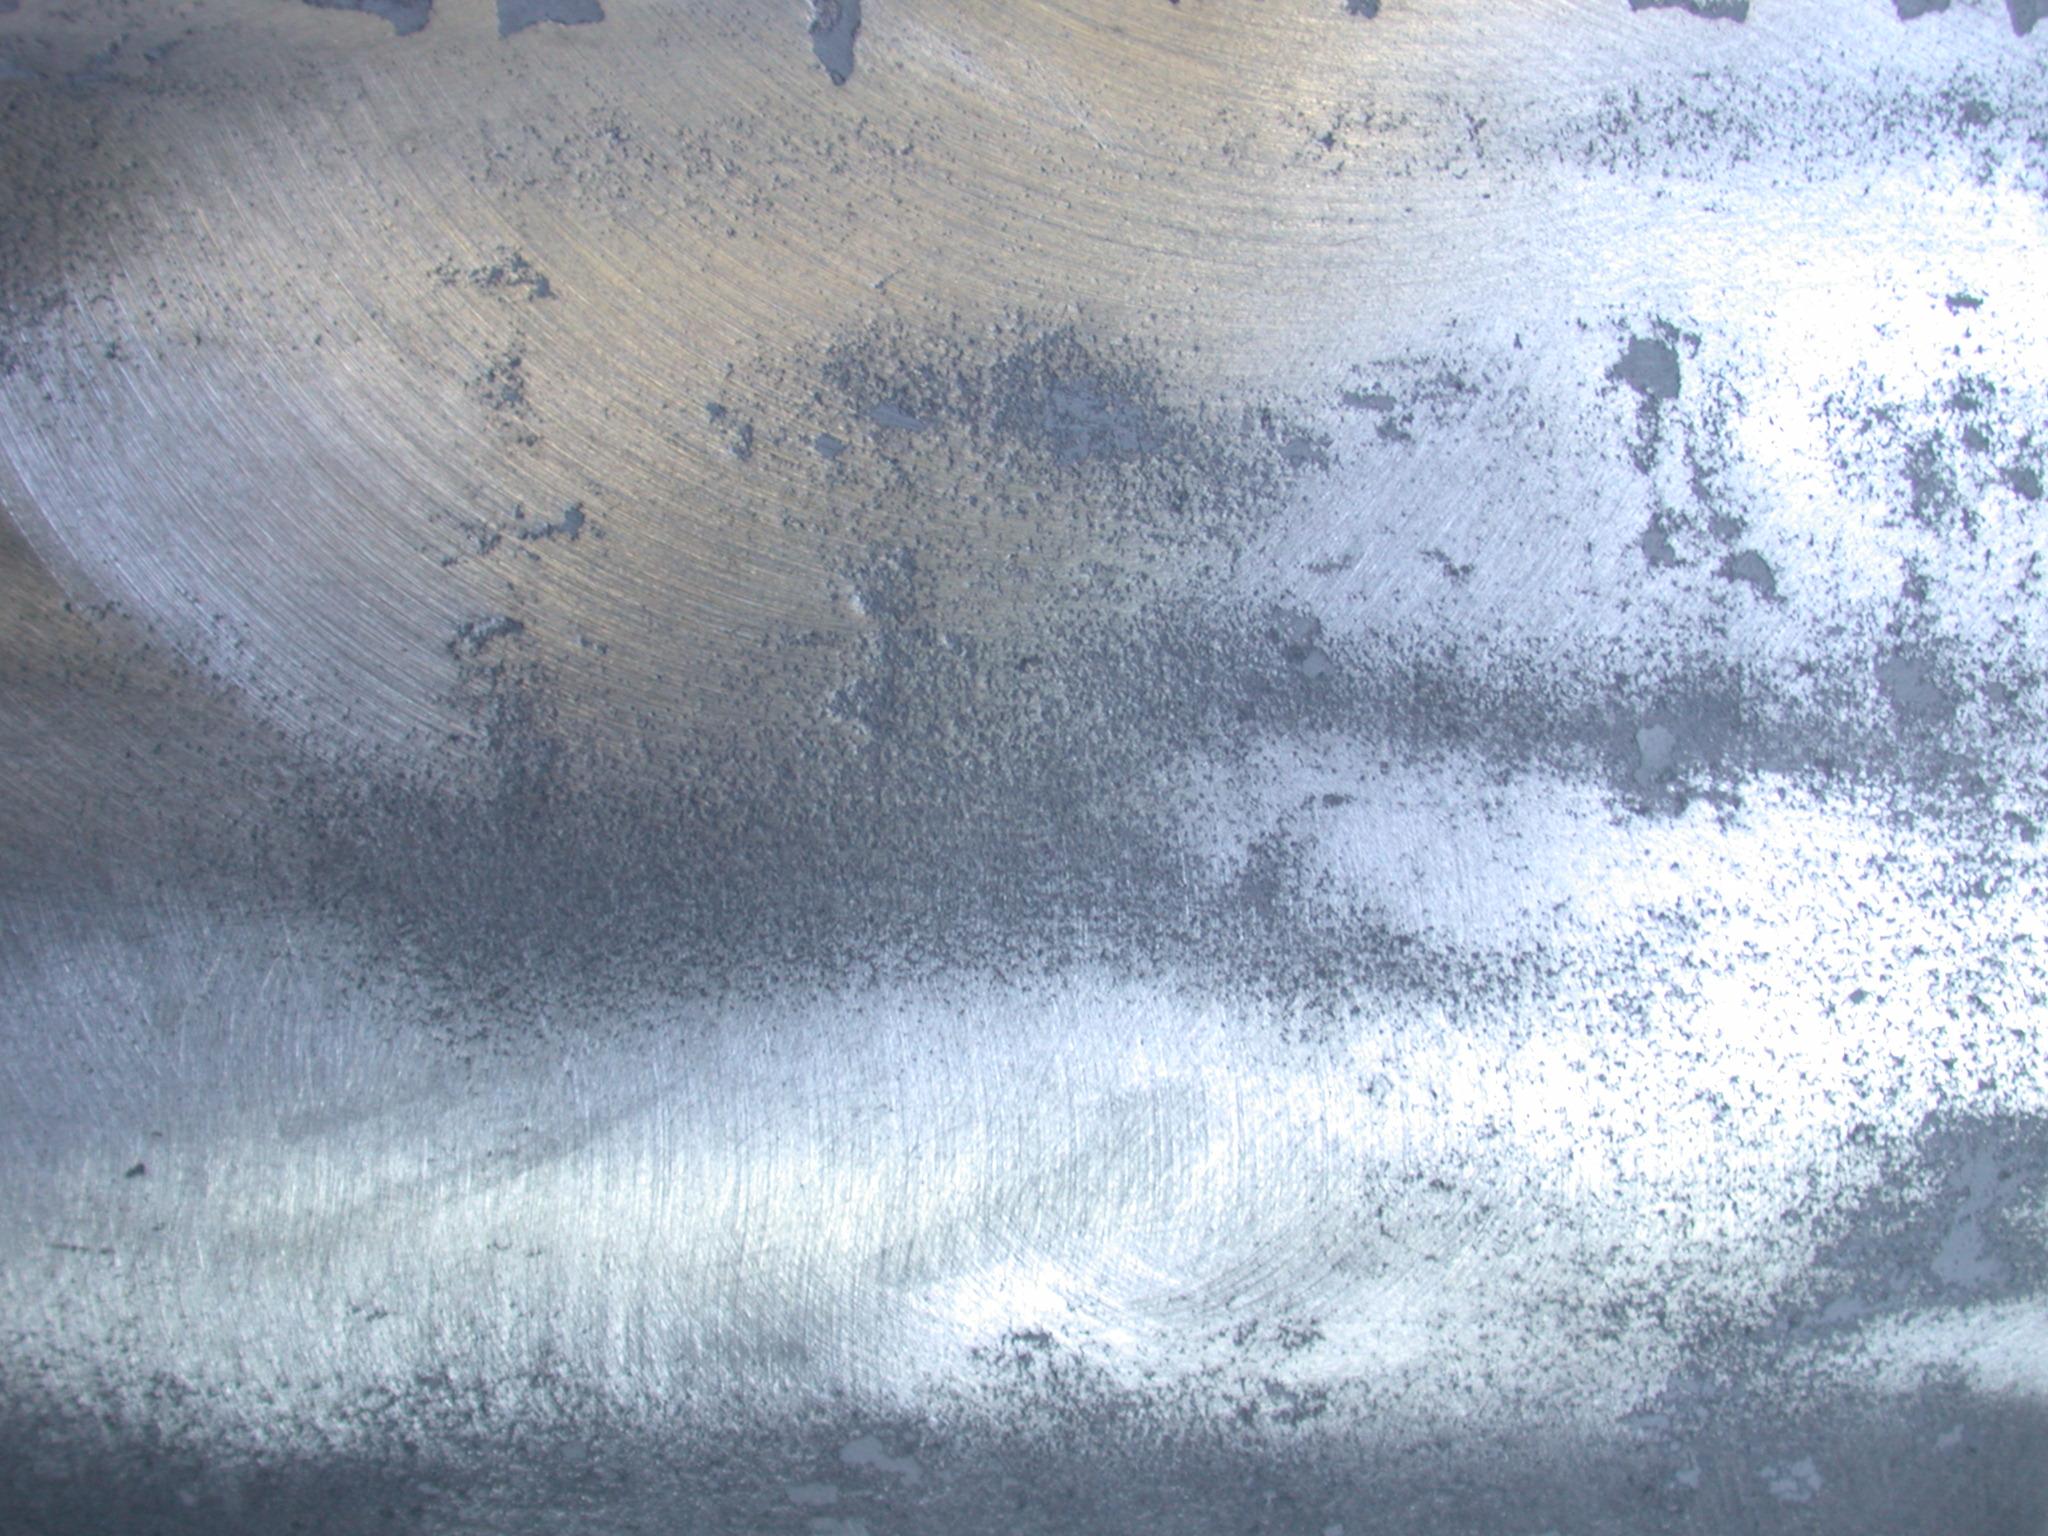 metals brushed metal iron steel texture